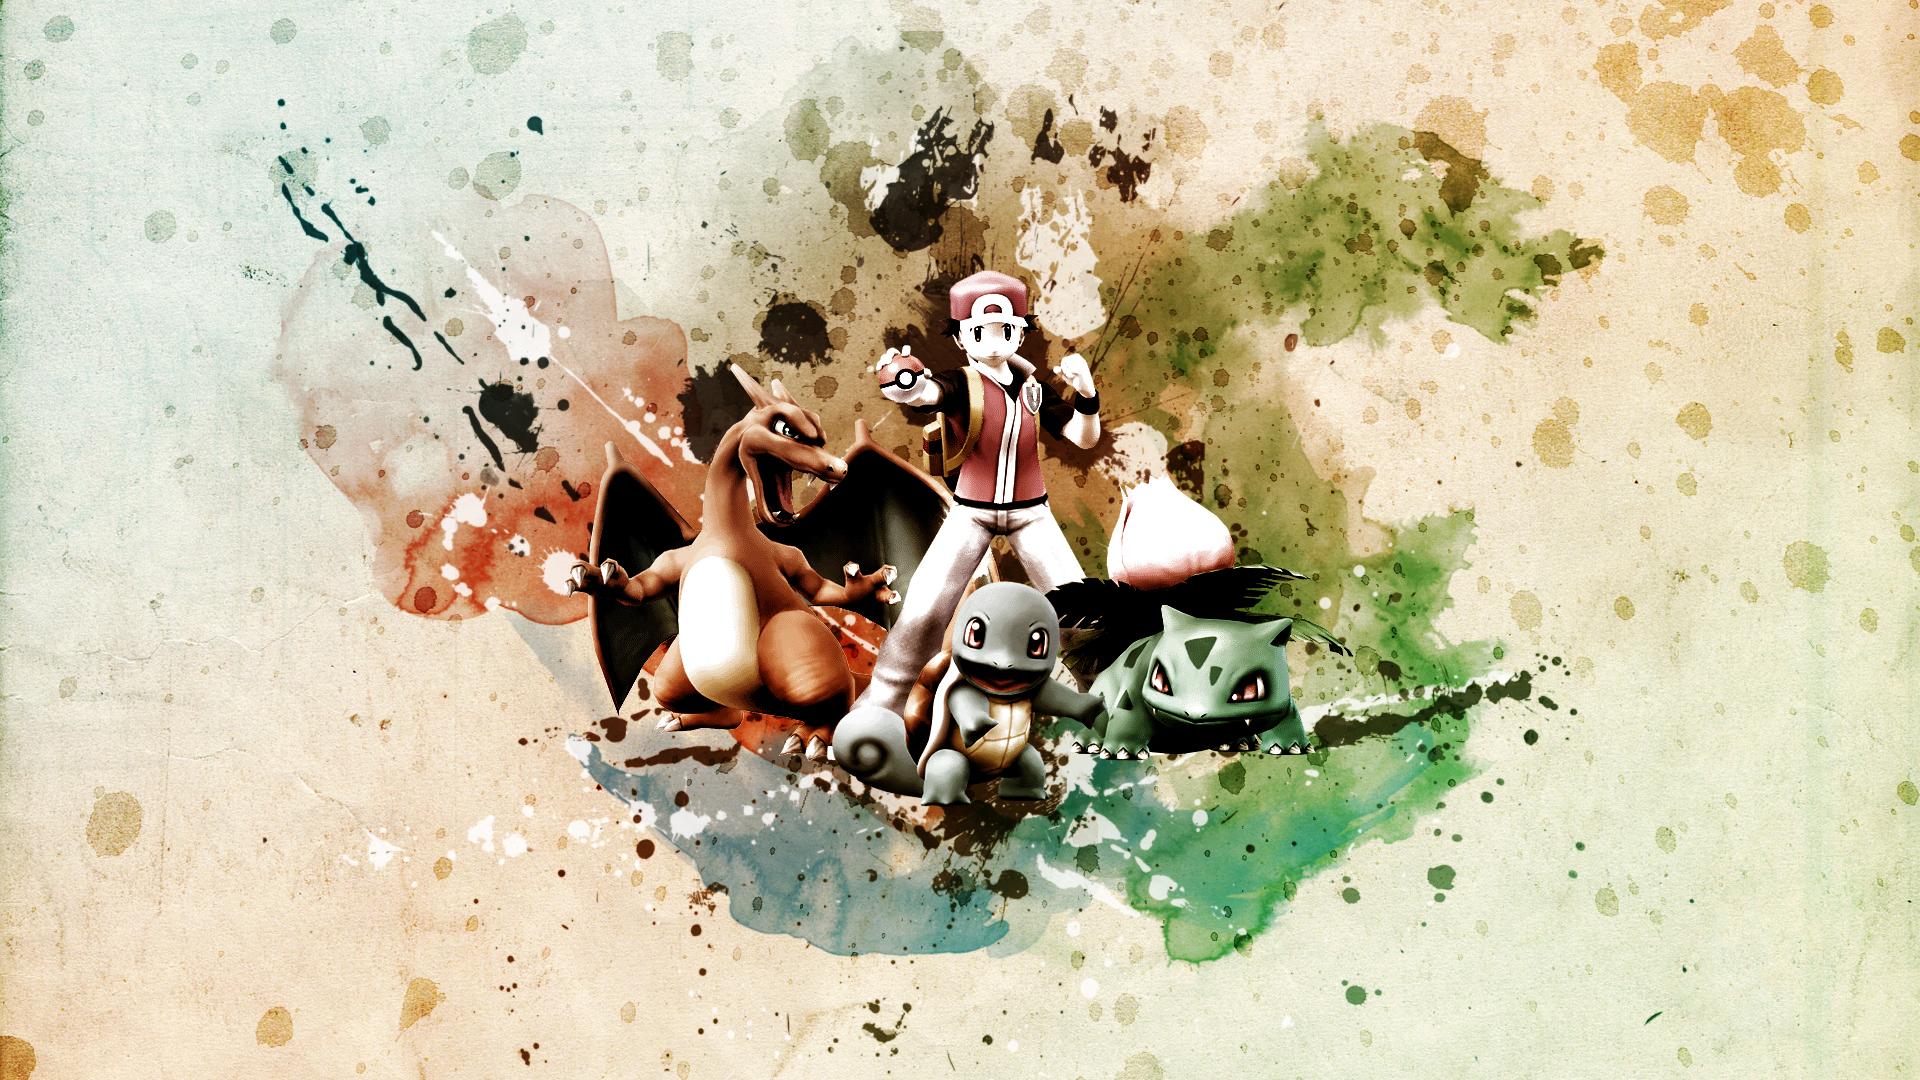 Pokemon wallpaper 52